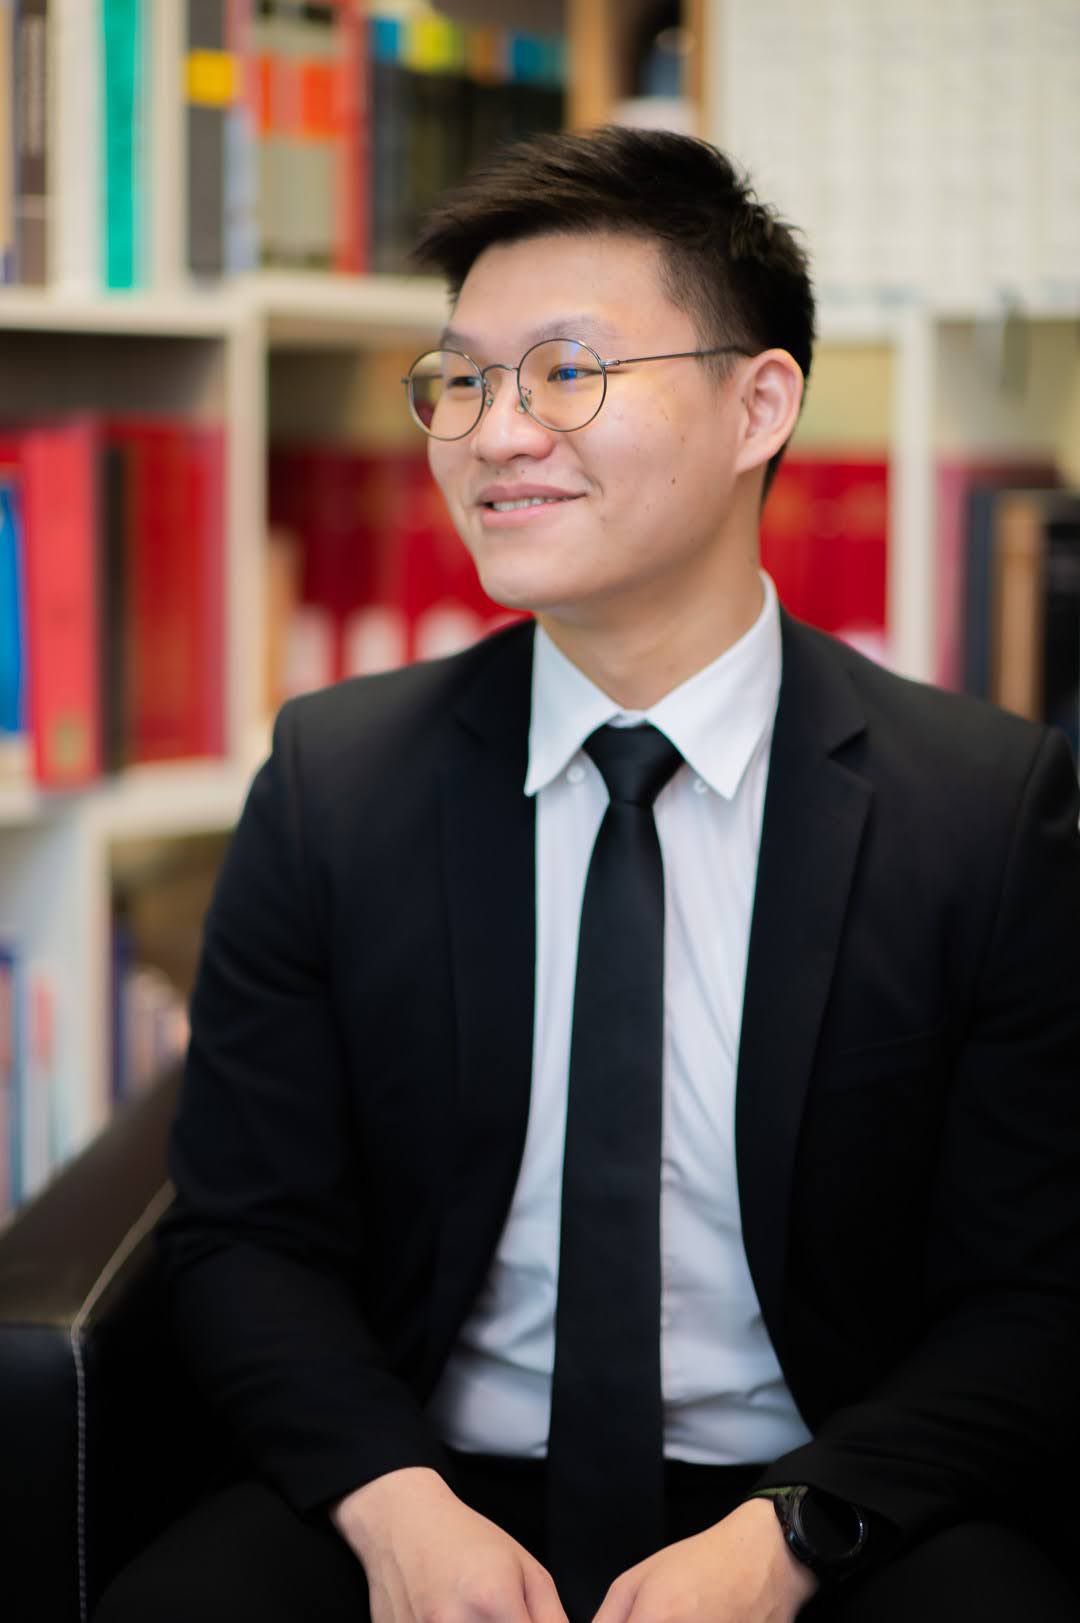 keegan lawyer at gjc law